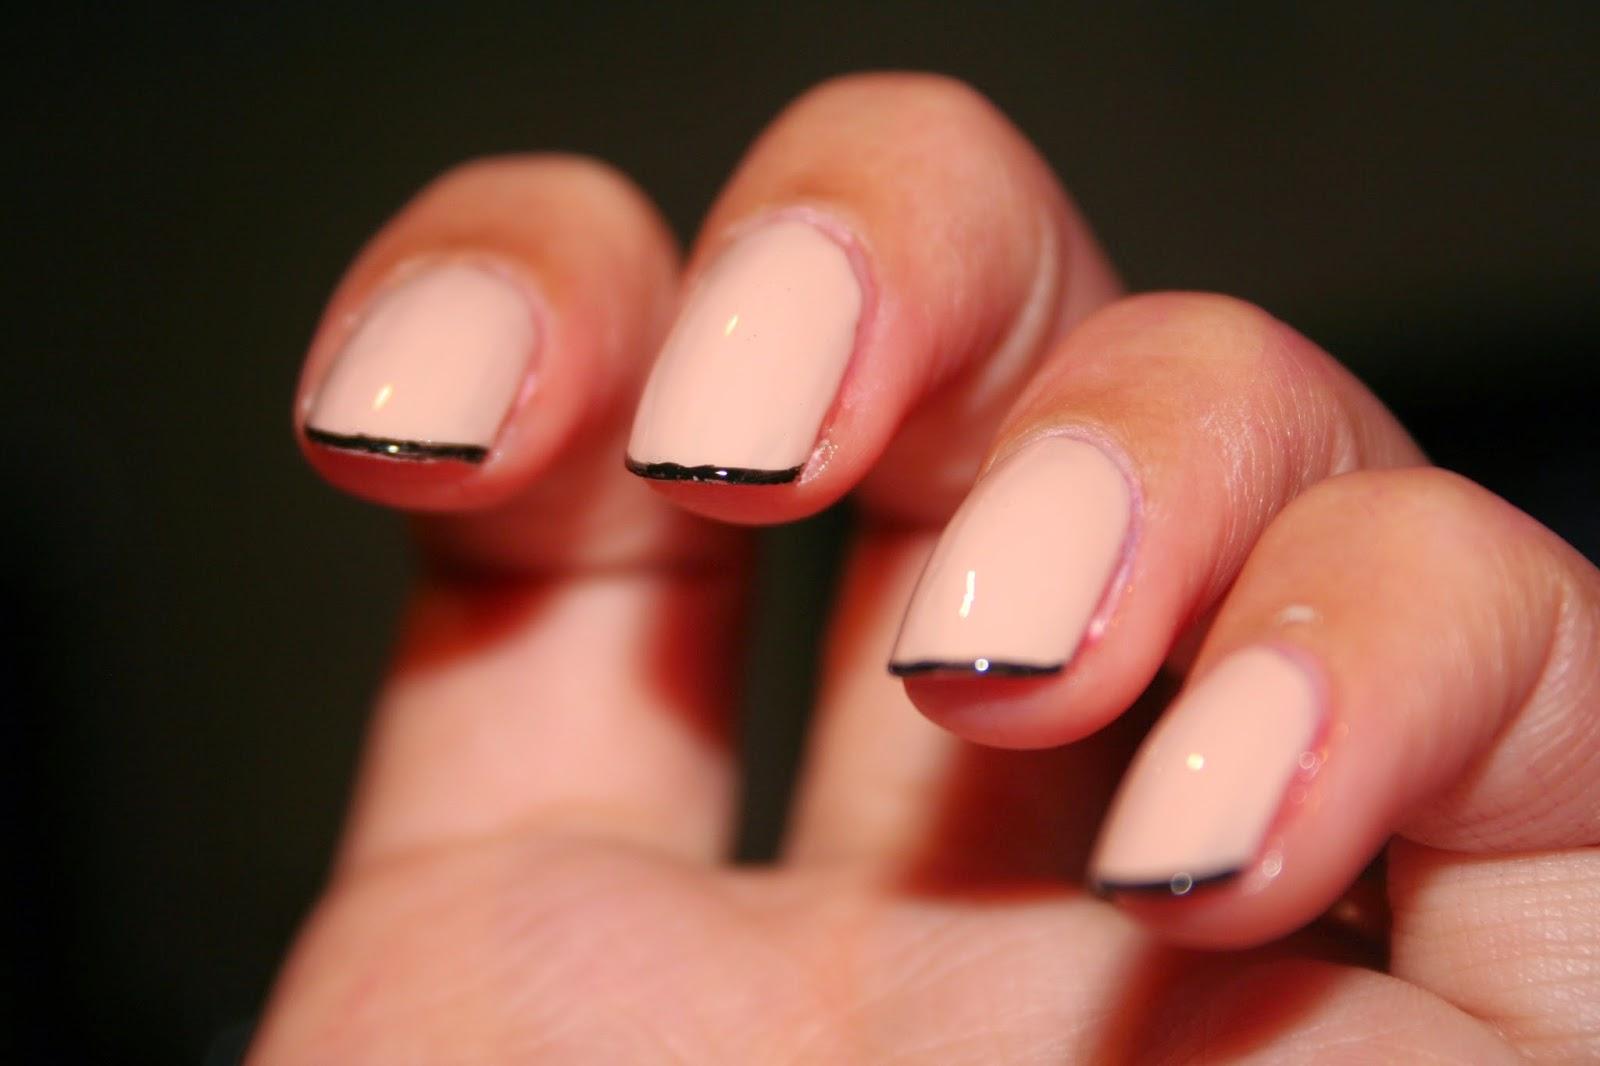 Come vedete ho optato per una base nude con una french nera sottilissima su  tutte le unghie realizzata con un pennellino molto sottile di uno smaltino